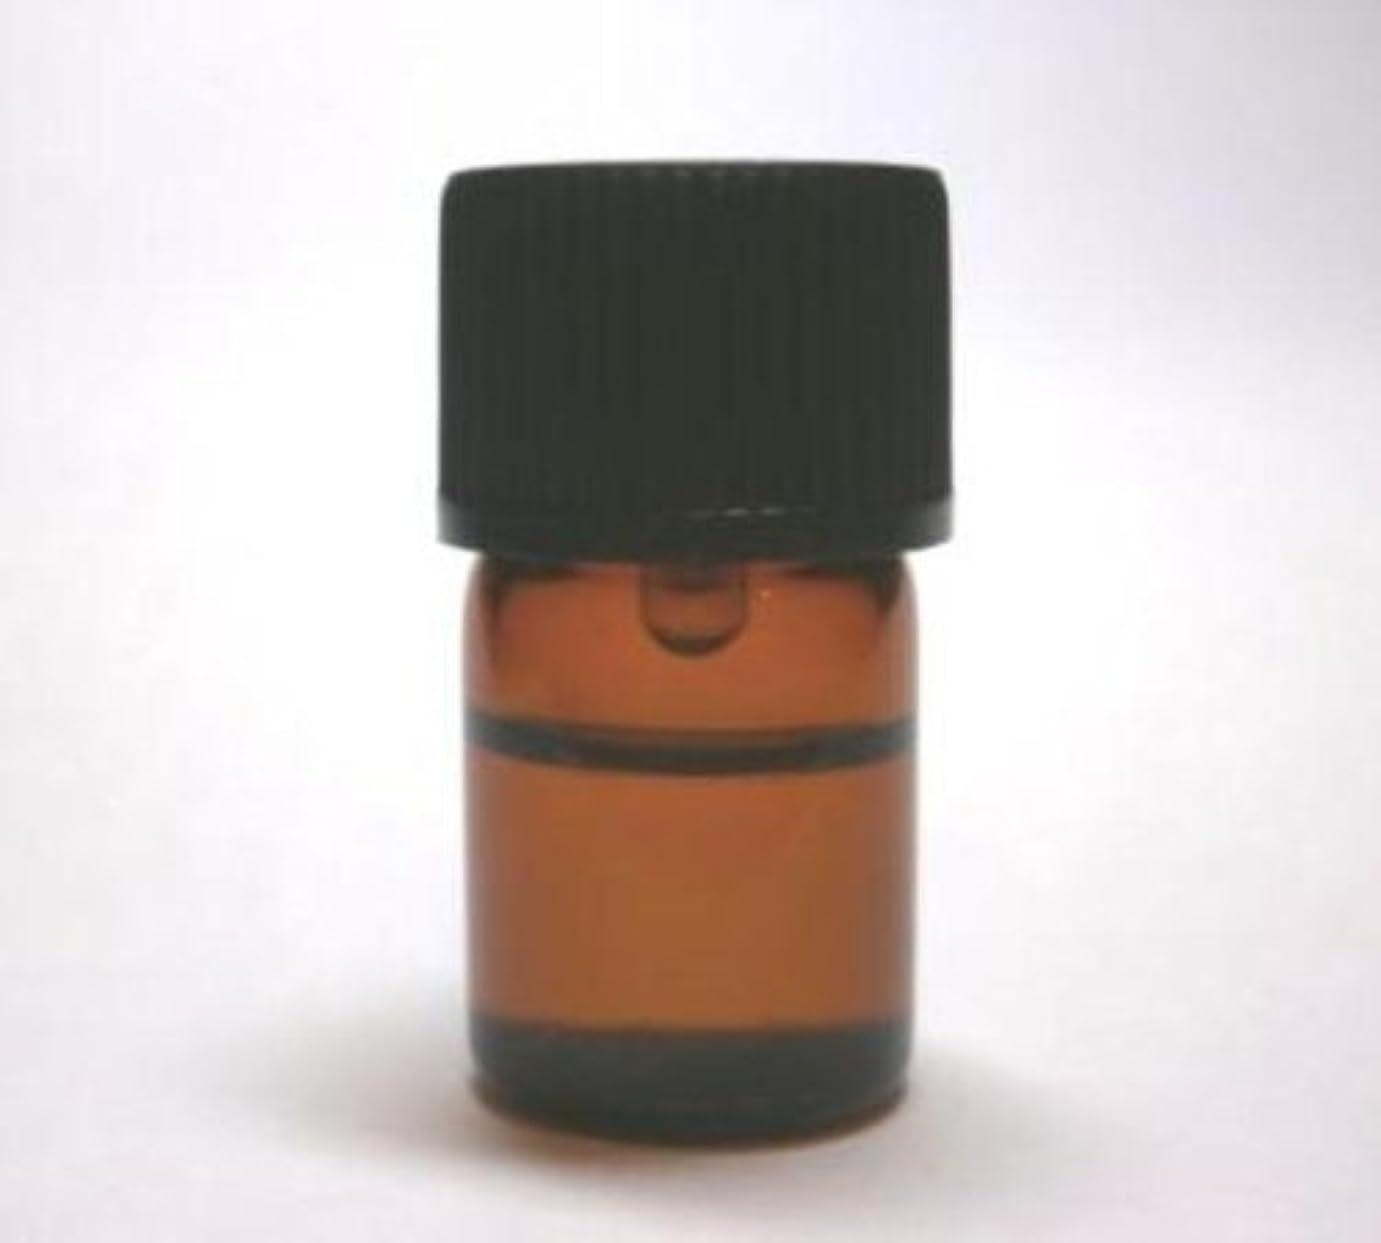 不十分な基準ズボンローズオットー100%:3ml/ローズエッセンシャルオイル/ローズ精油/ローズオイル